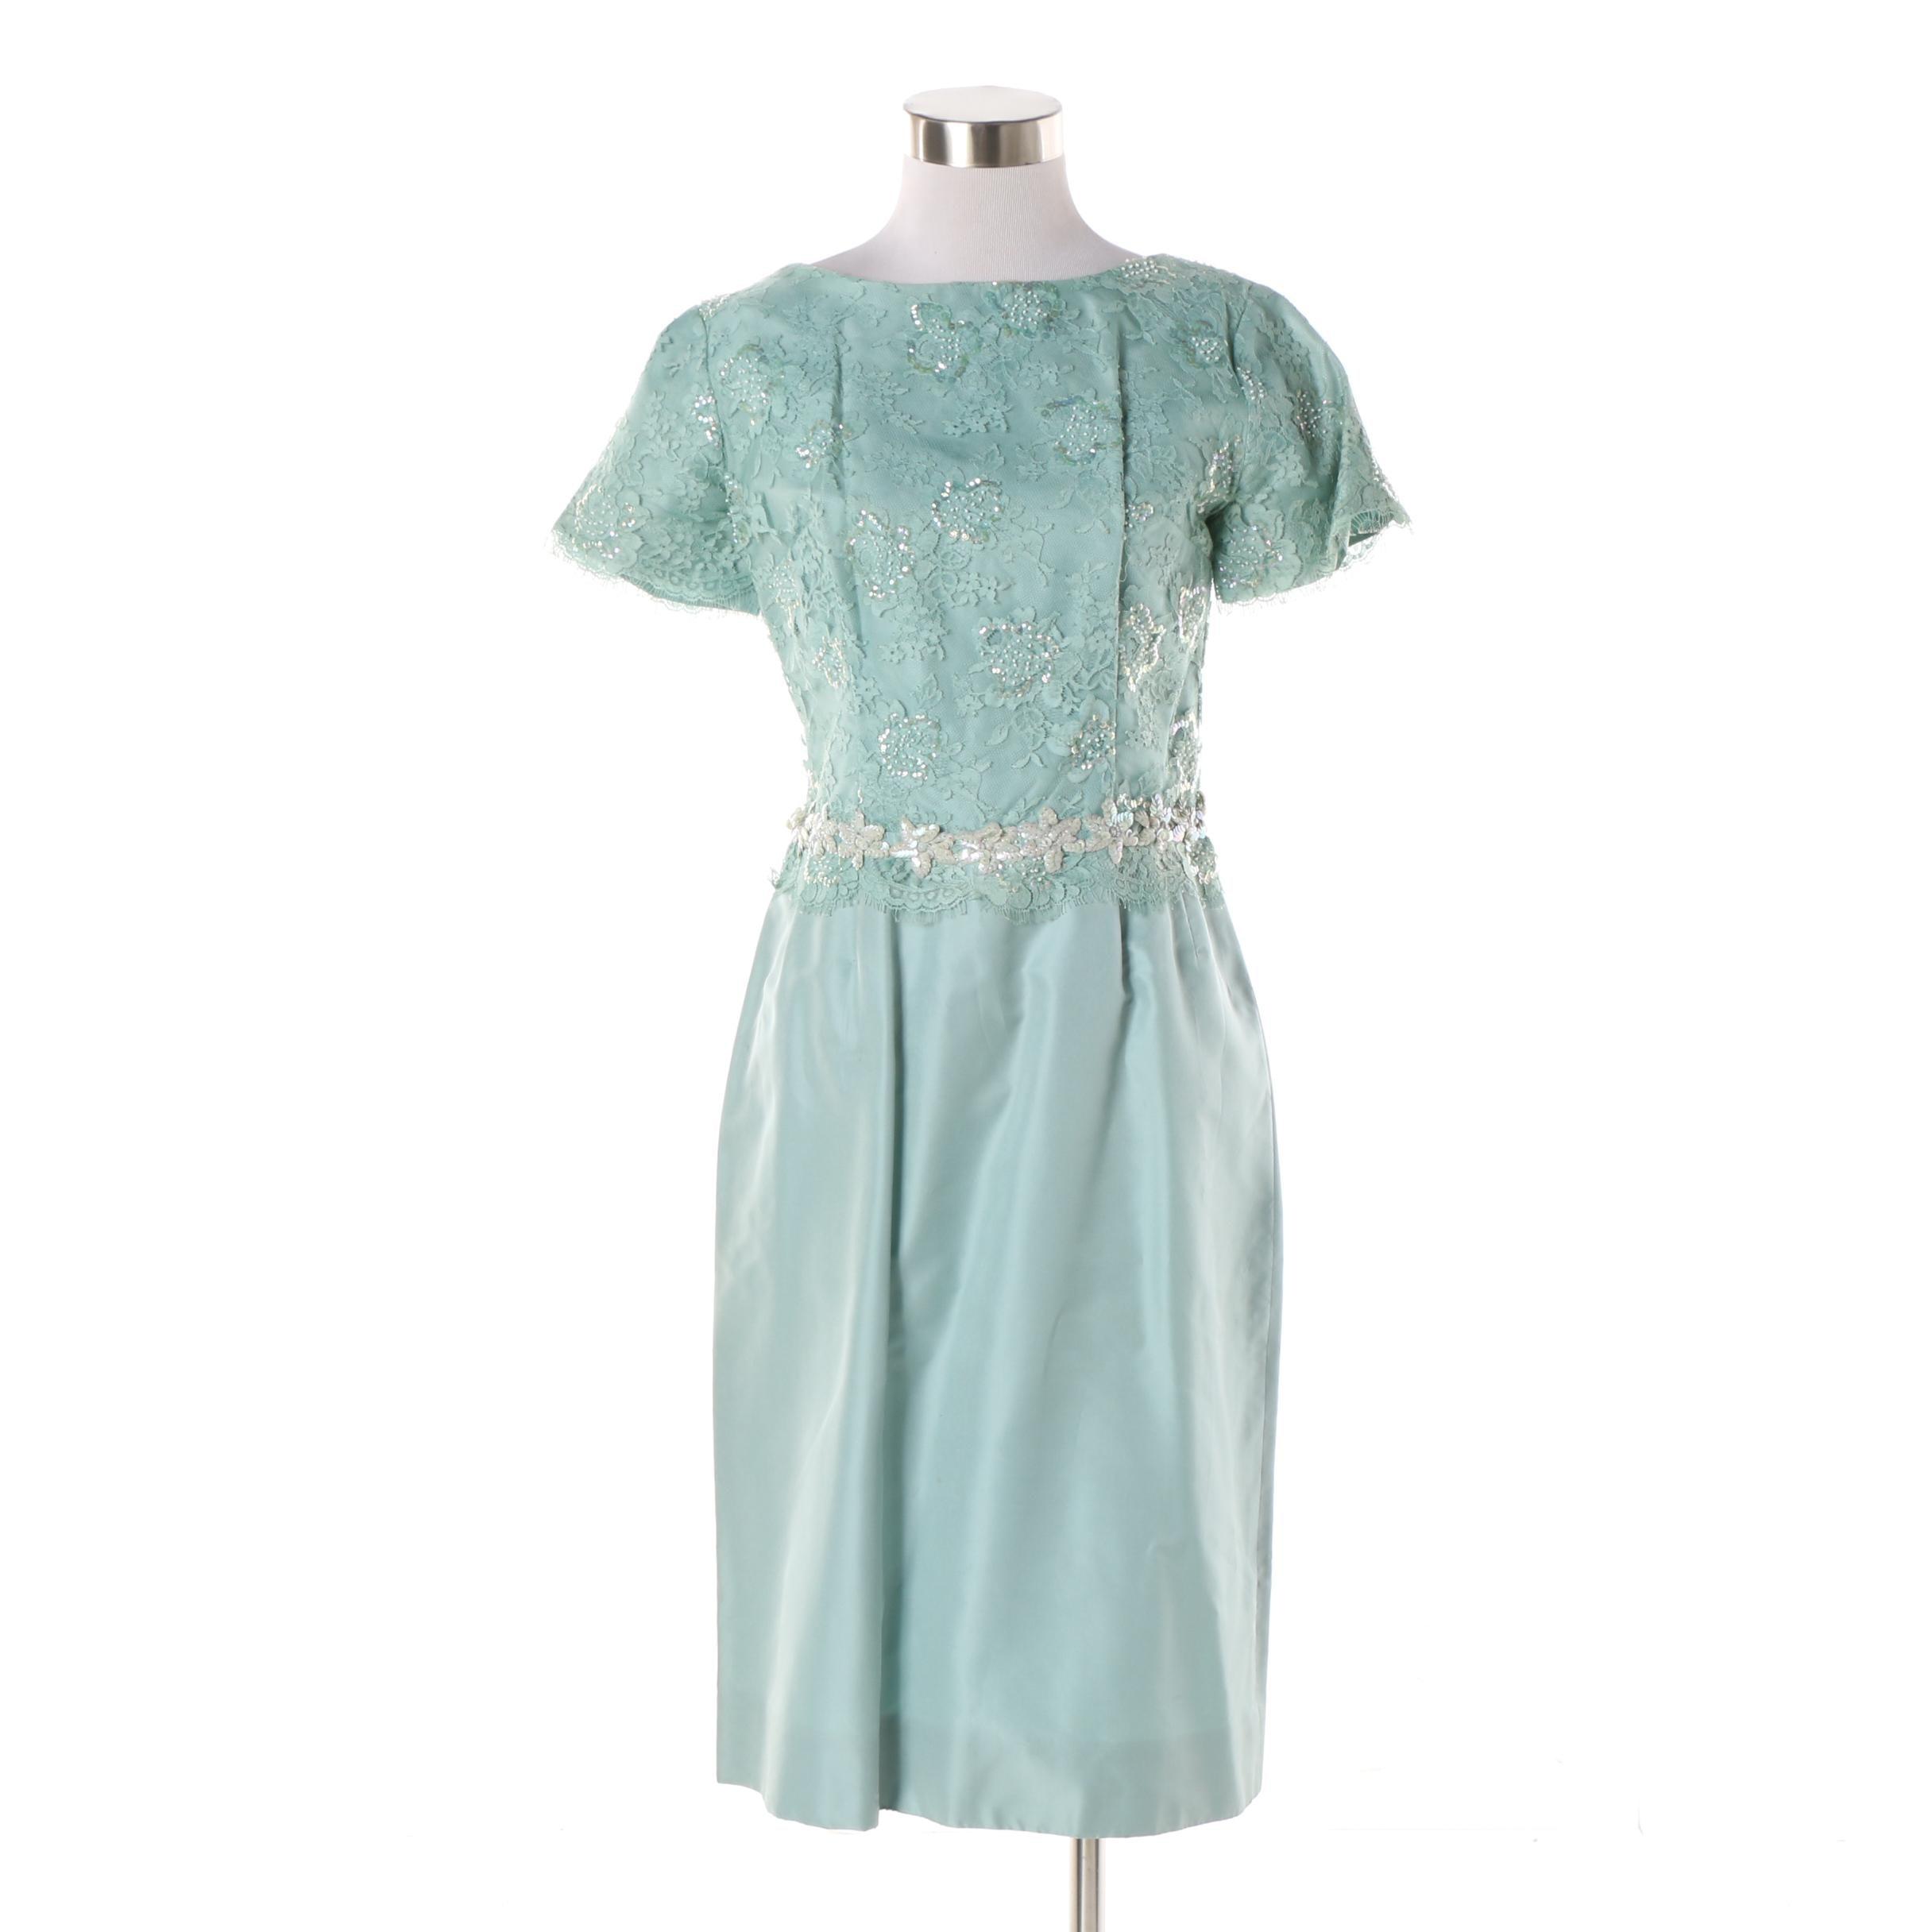 1960s Vintage Aqua Sequin and Lace Cocktail Dress